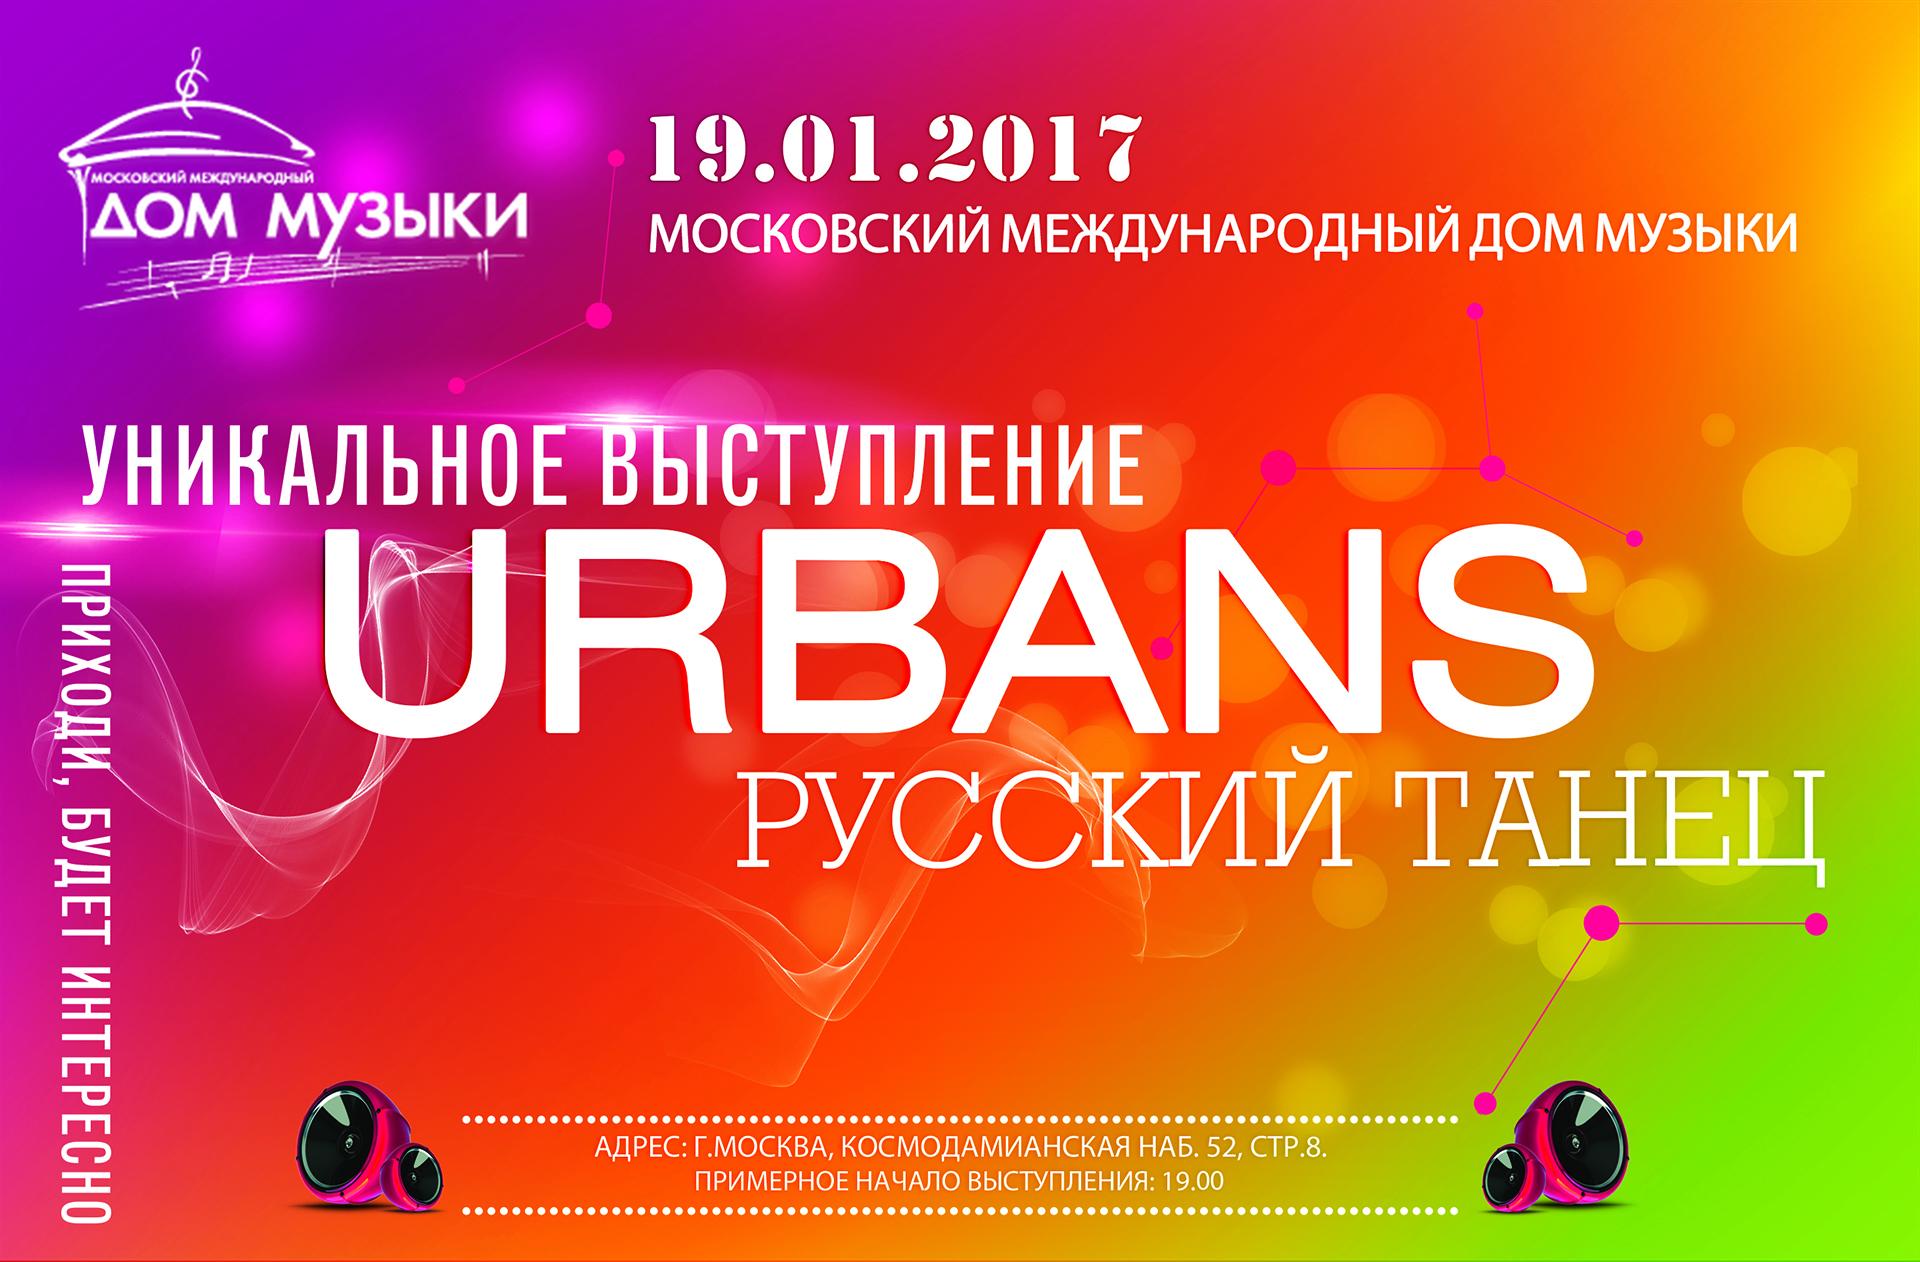 Русский танец в Московском международном Доме музыки